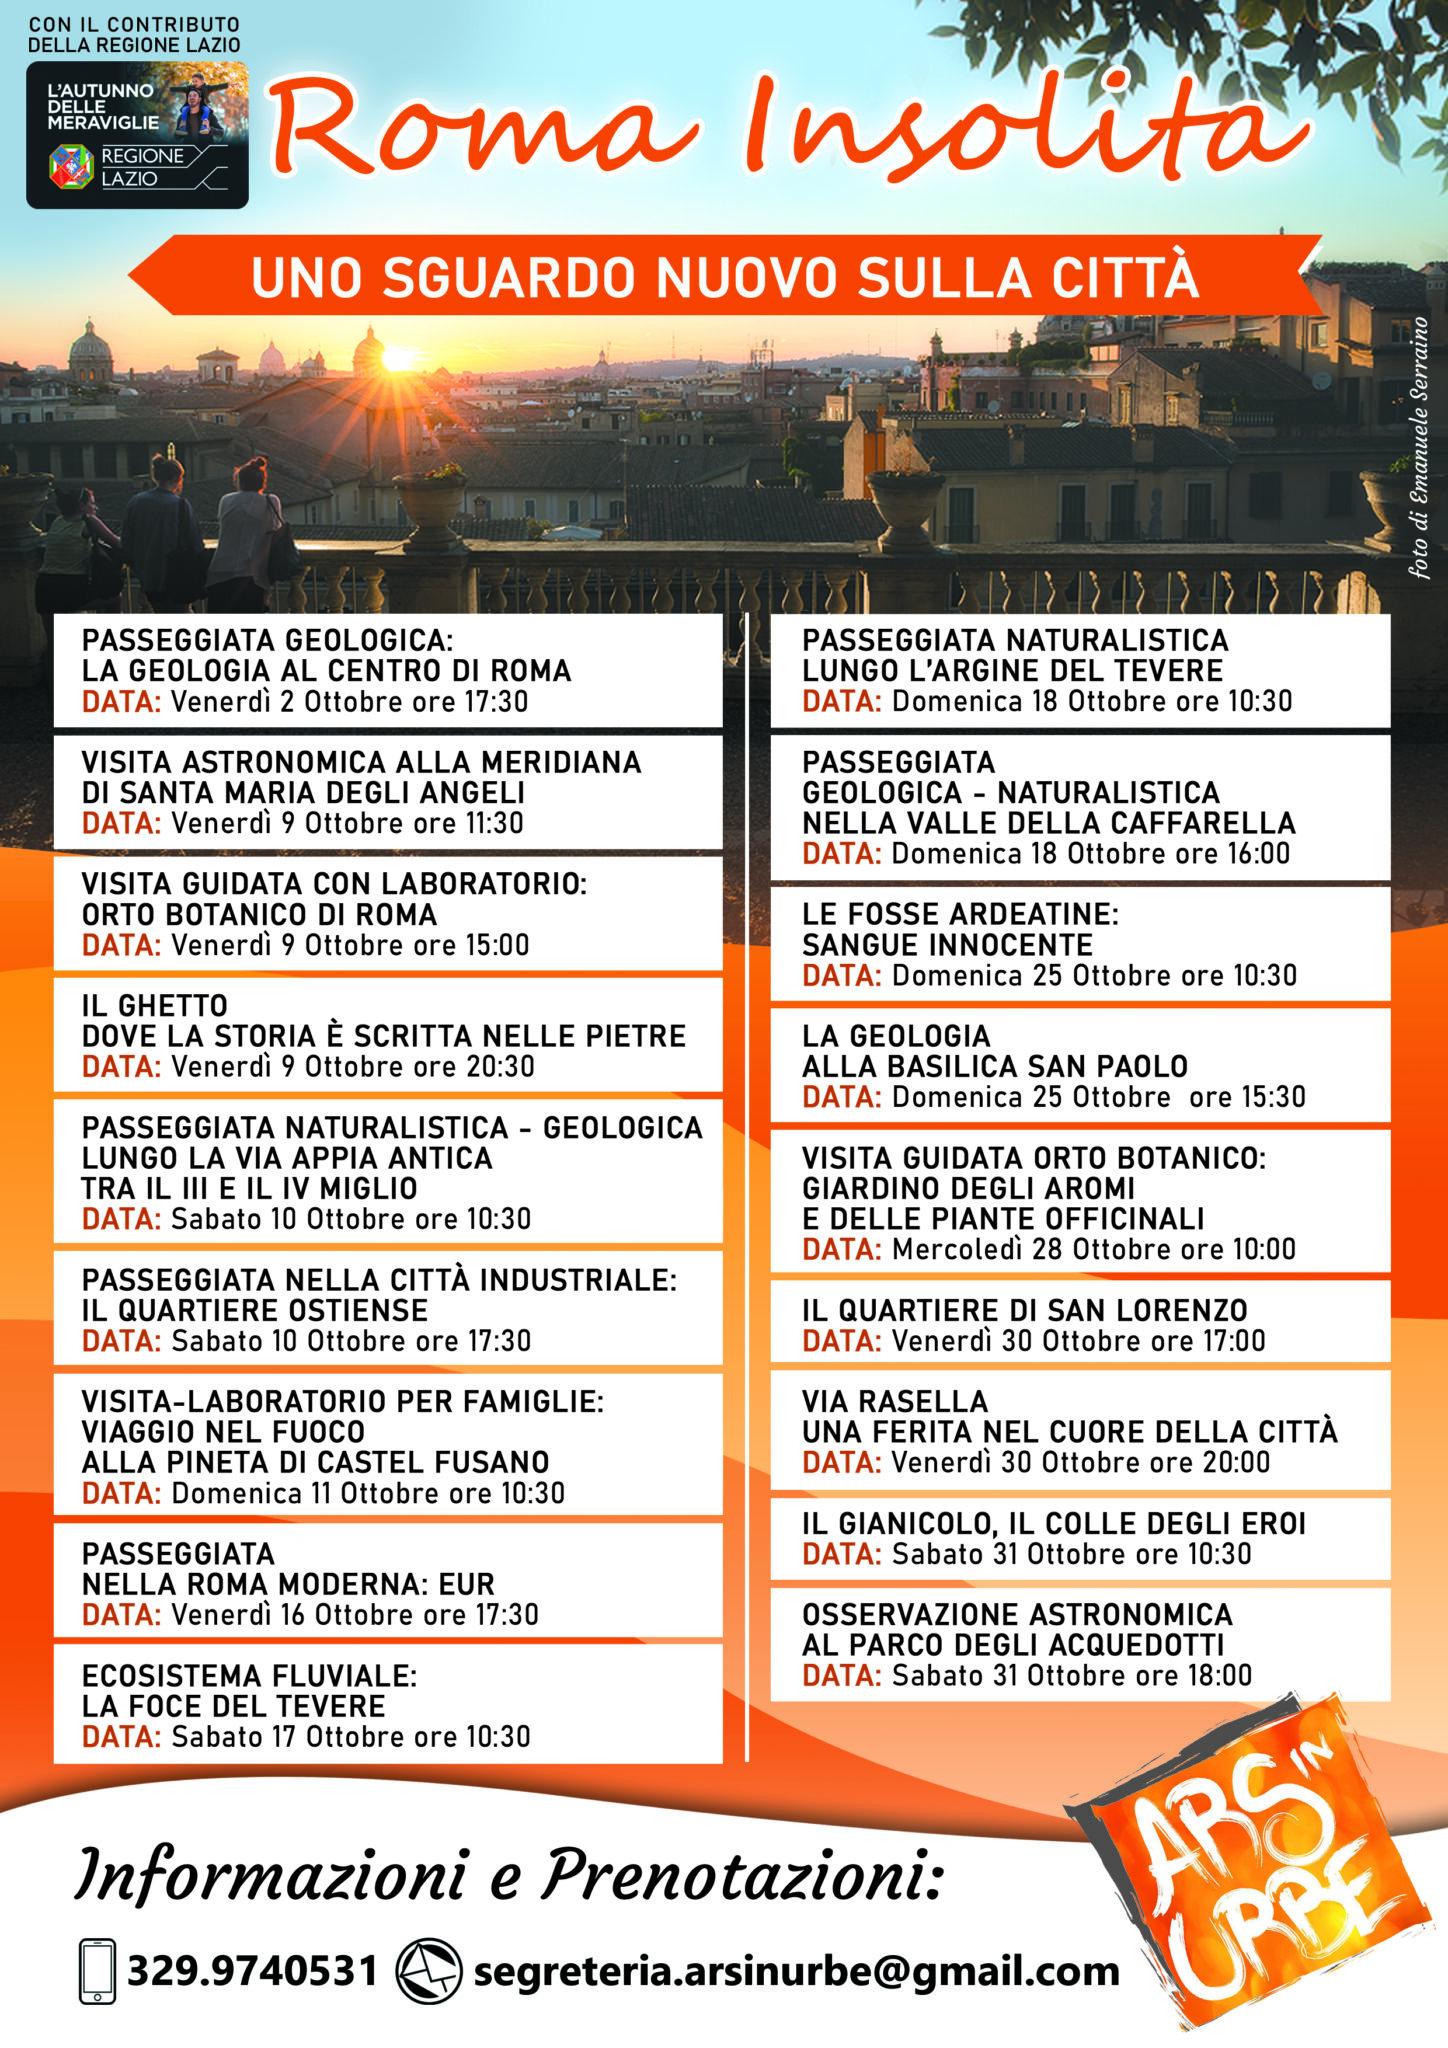 Dal 2 al 31/10/2020: Roma Insolita - Uno Sguardo Nuovo Sulla Città